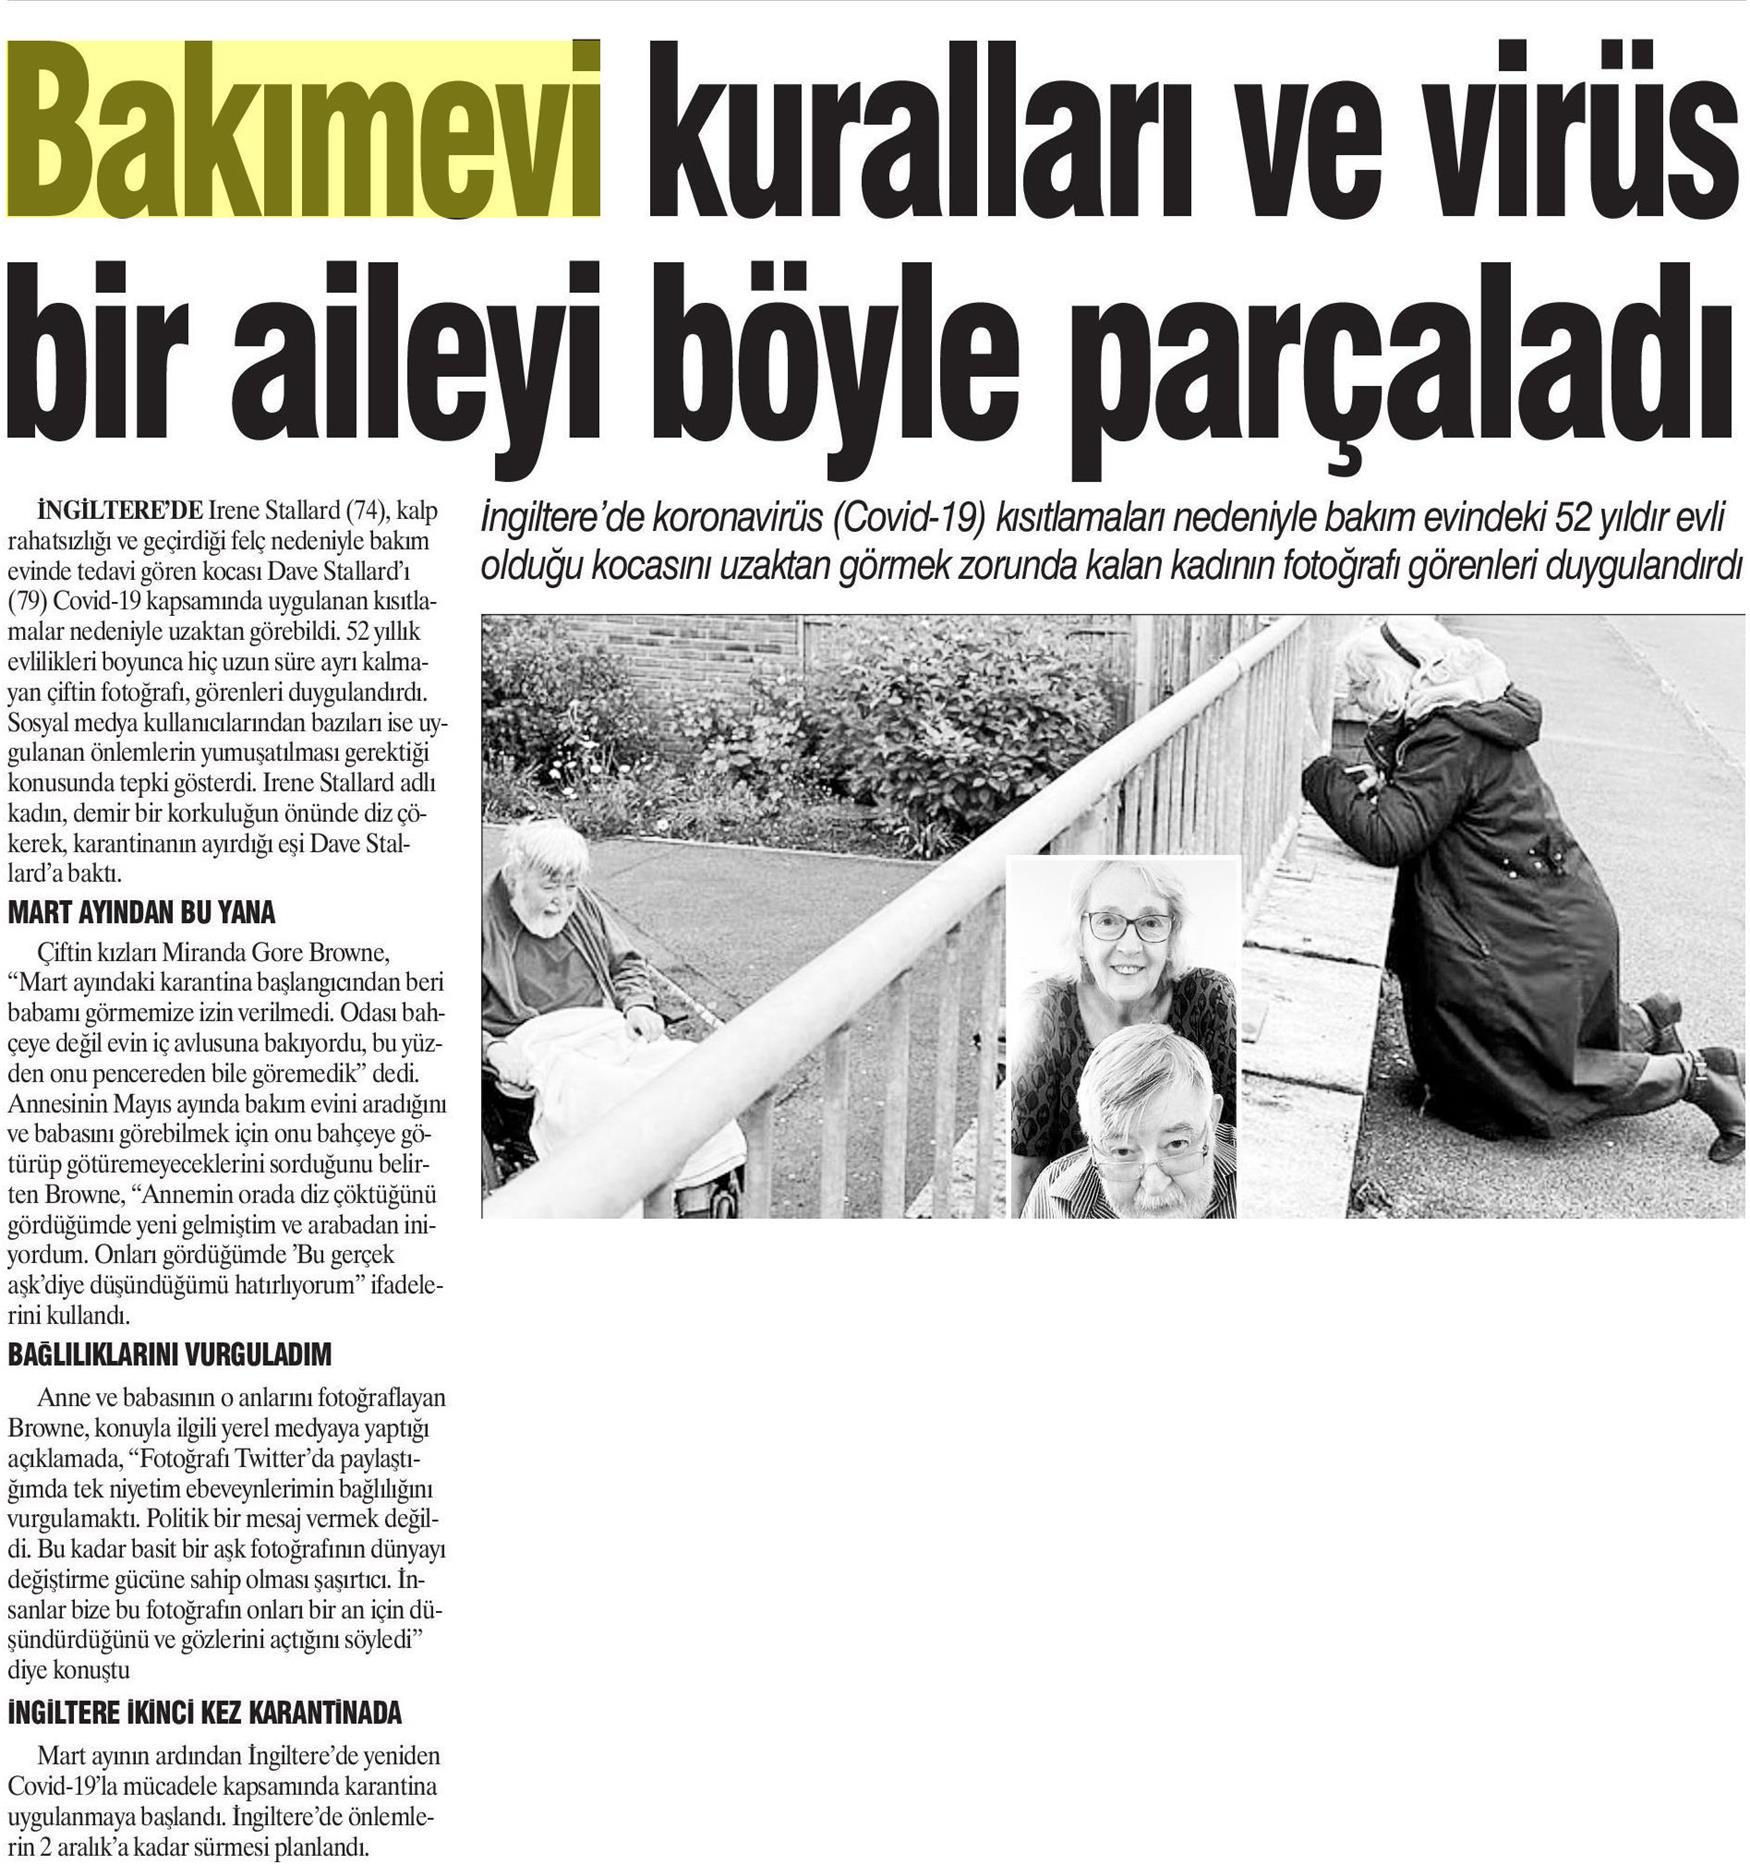 Bakımevi Kuralları ve Virüs Bir Aileyi Böyle Parçaladı